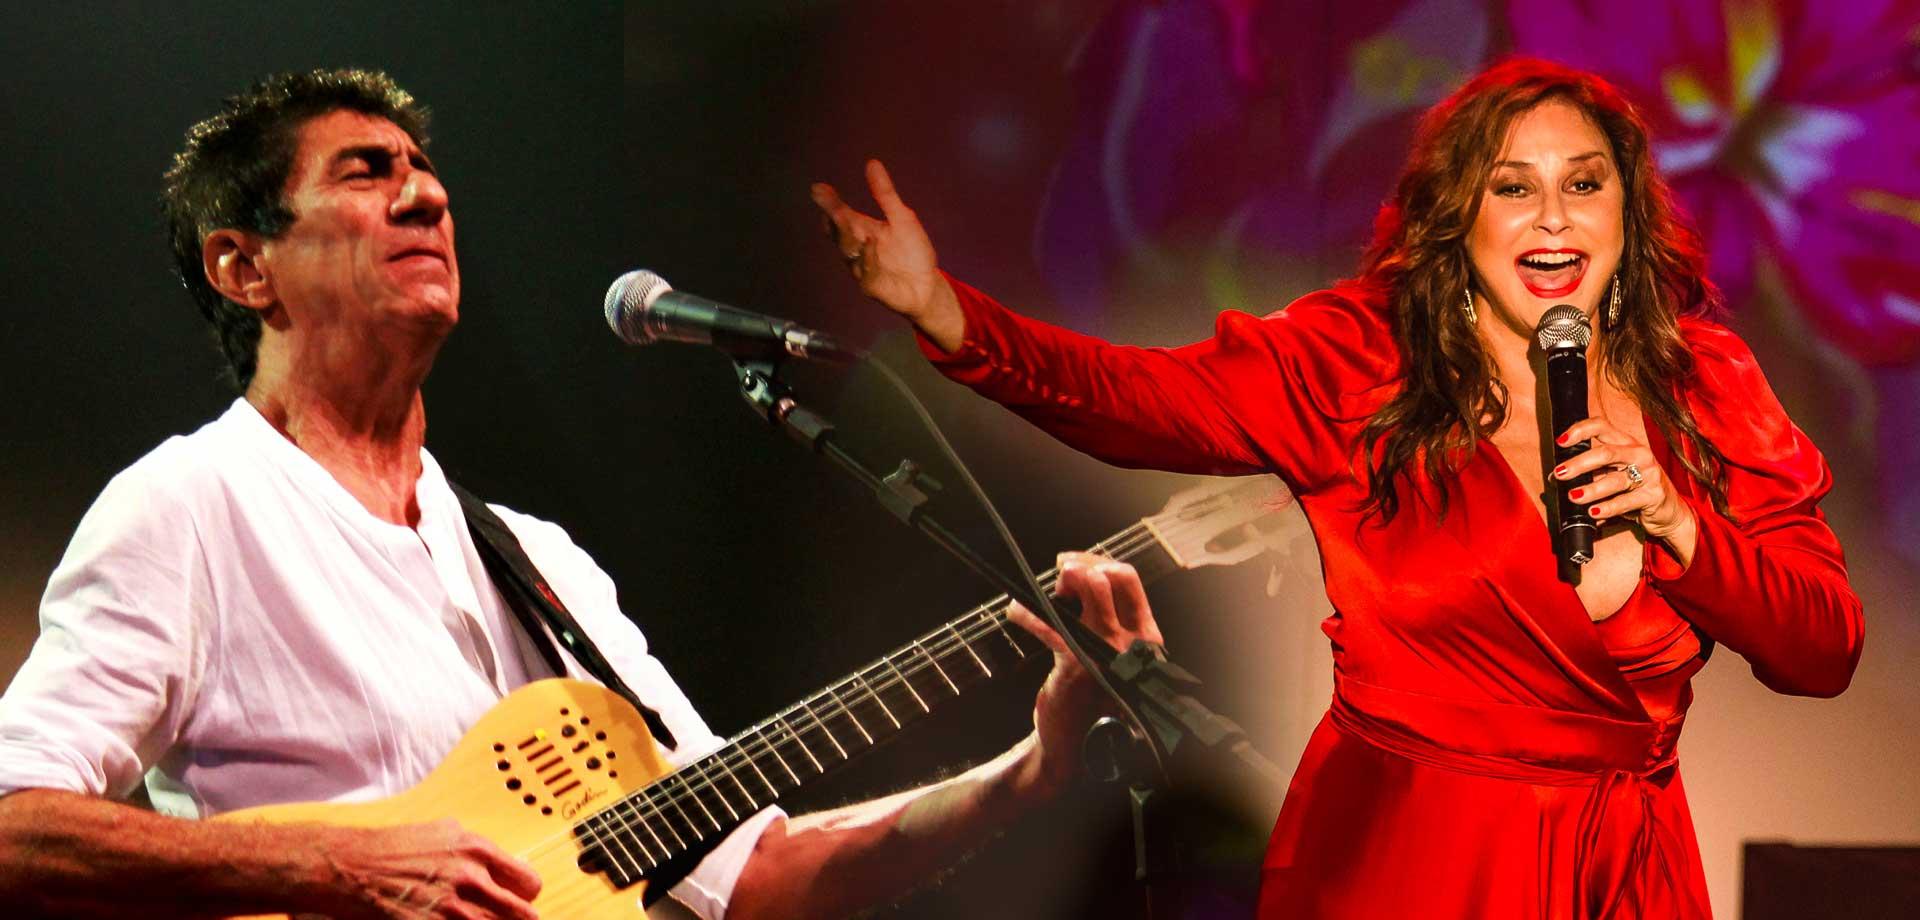 Fafá de Belém e Raimundo Fagner animam o 3º dia do Festival de Música de Natal